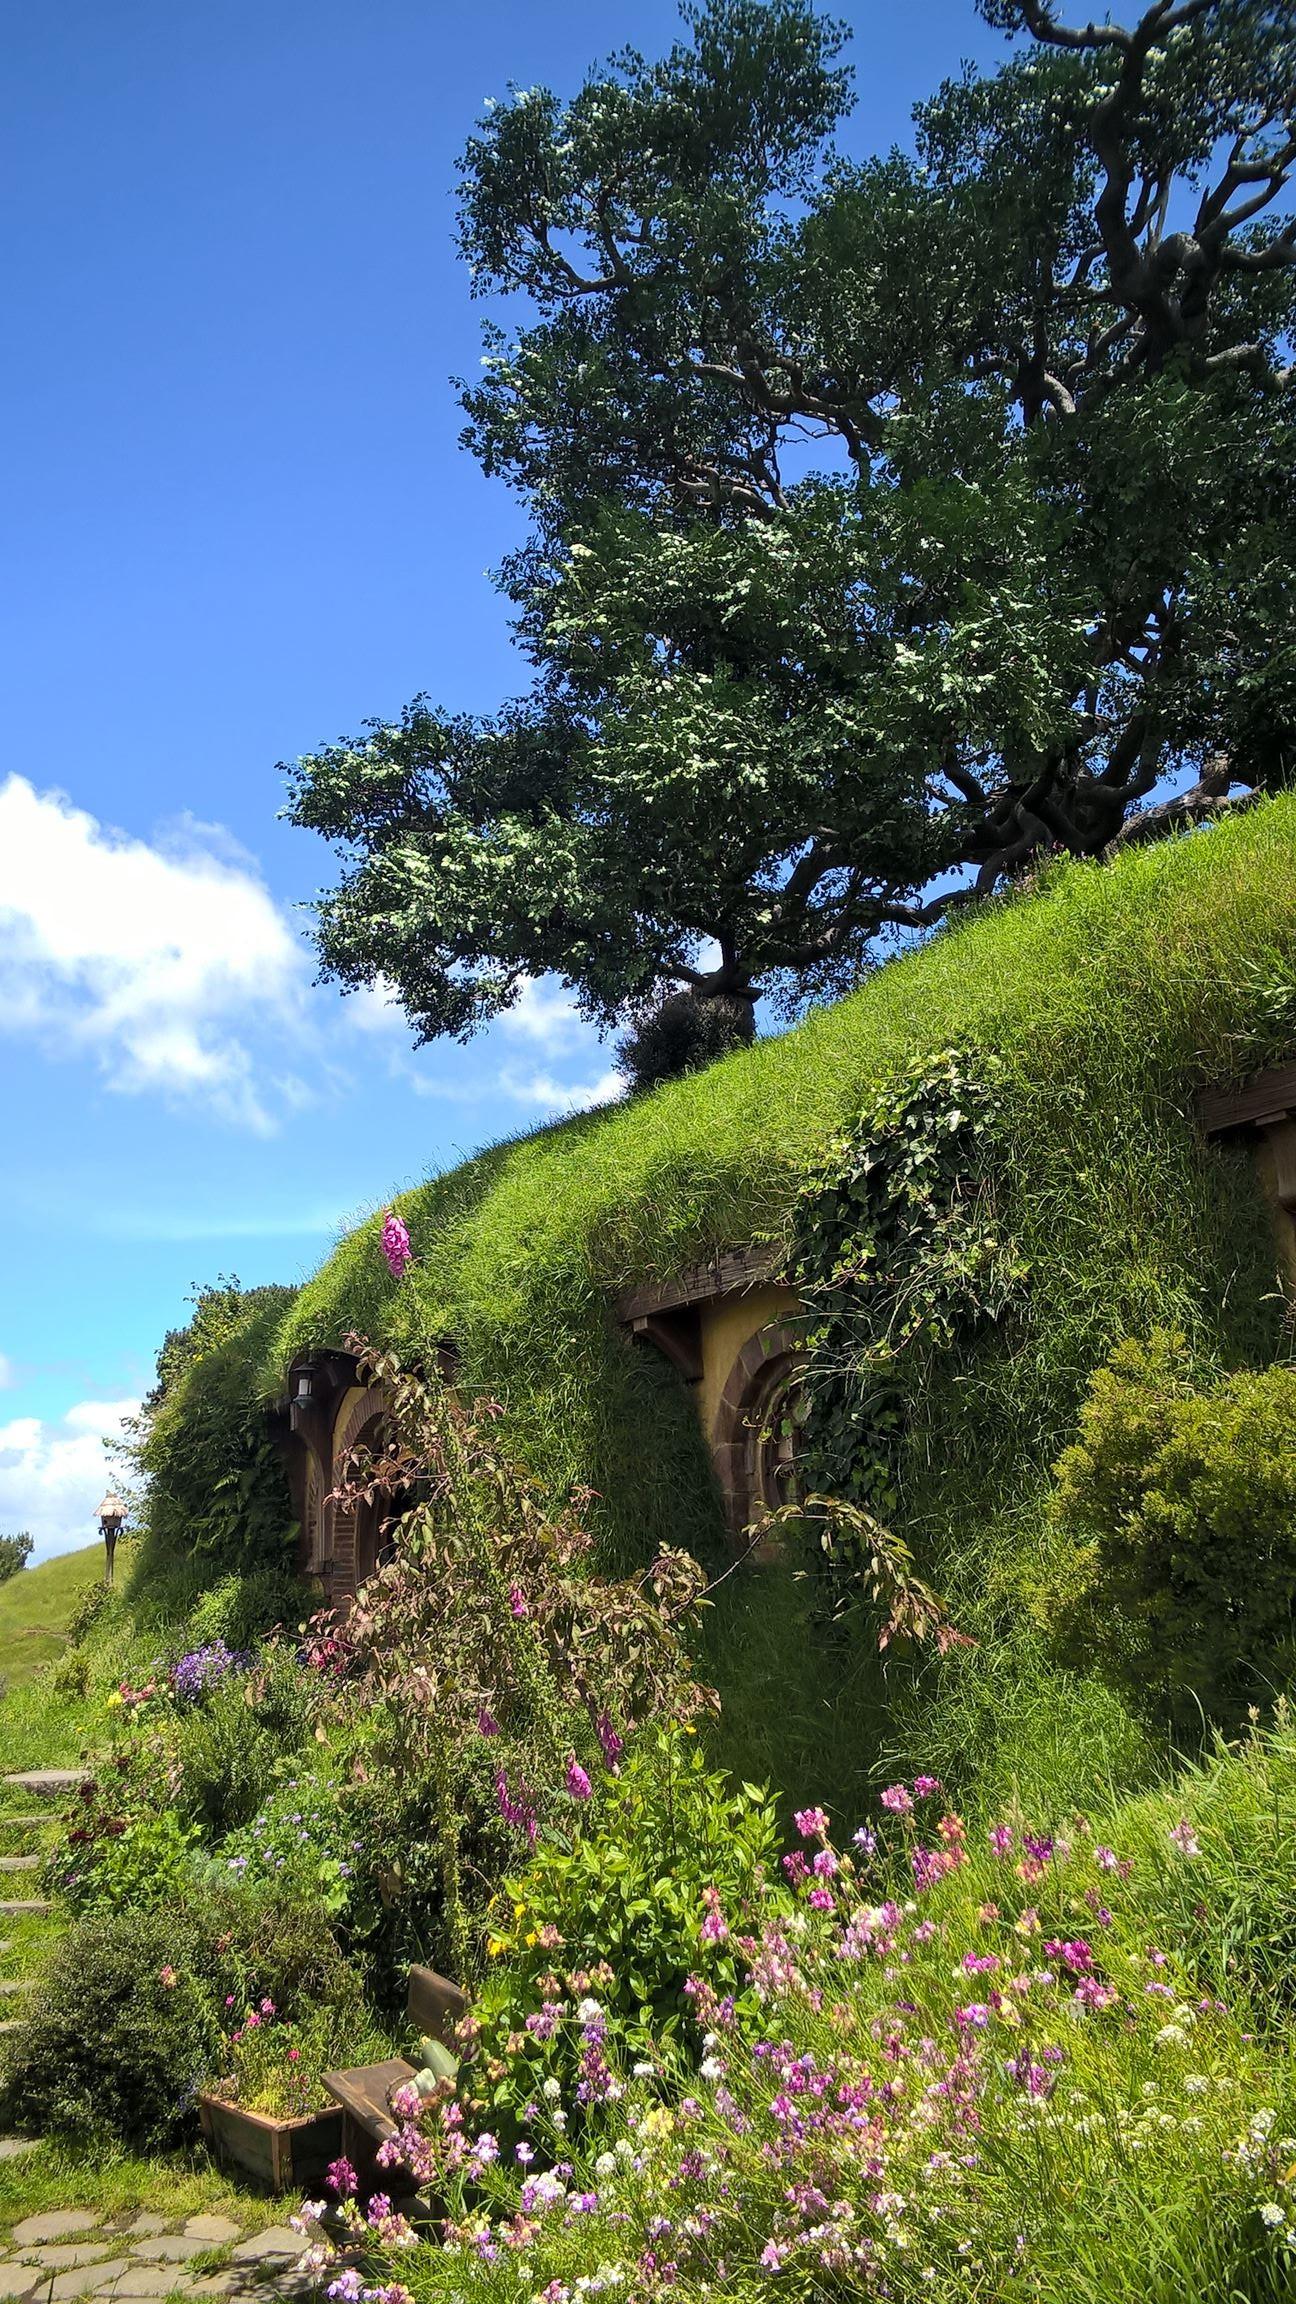 Die Höhle unter der Fake-Eiche: Der Baum ist vollkommen künstlich